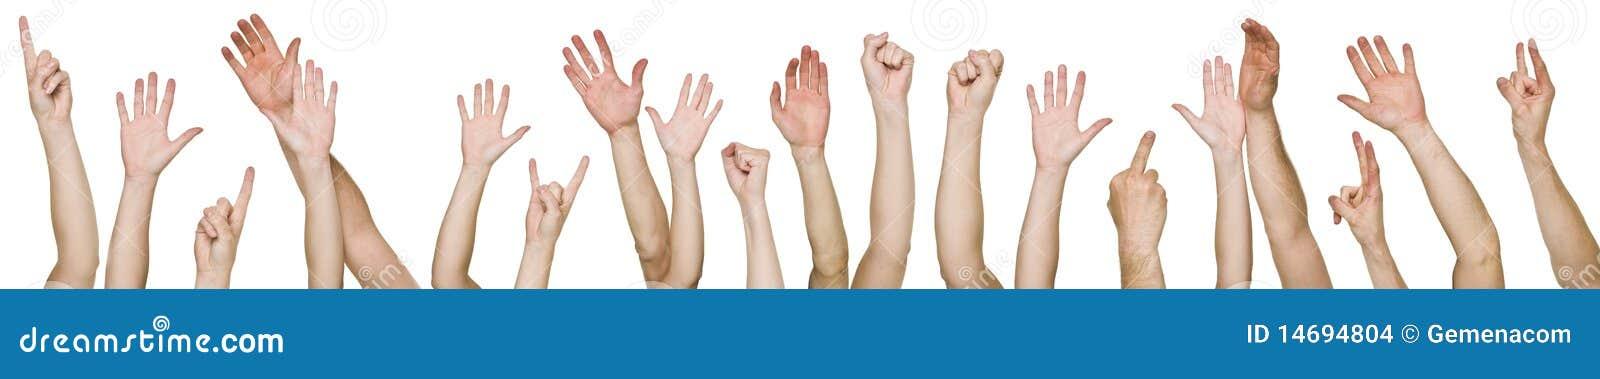 Un bon nombre de mains augmentées